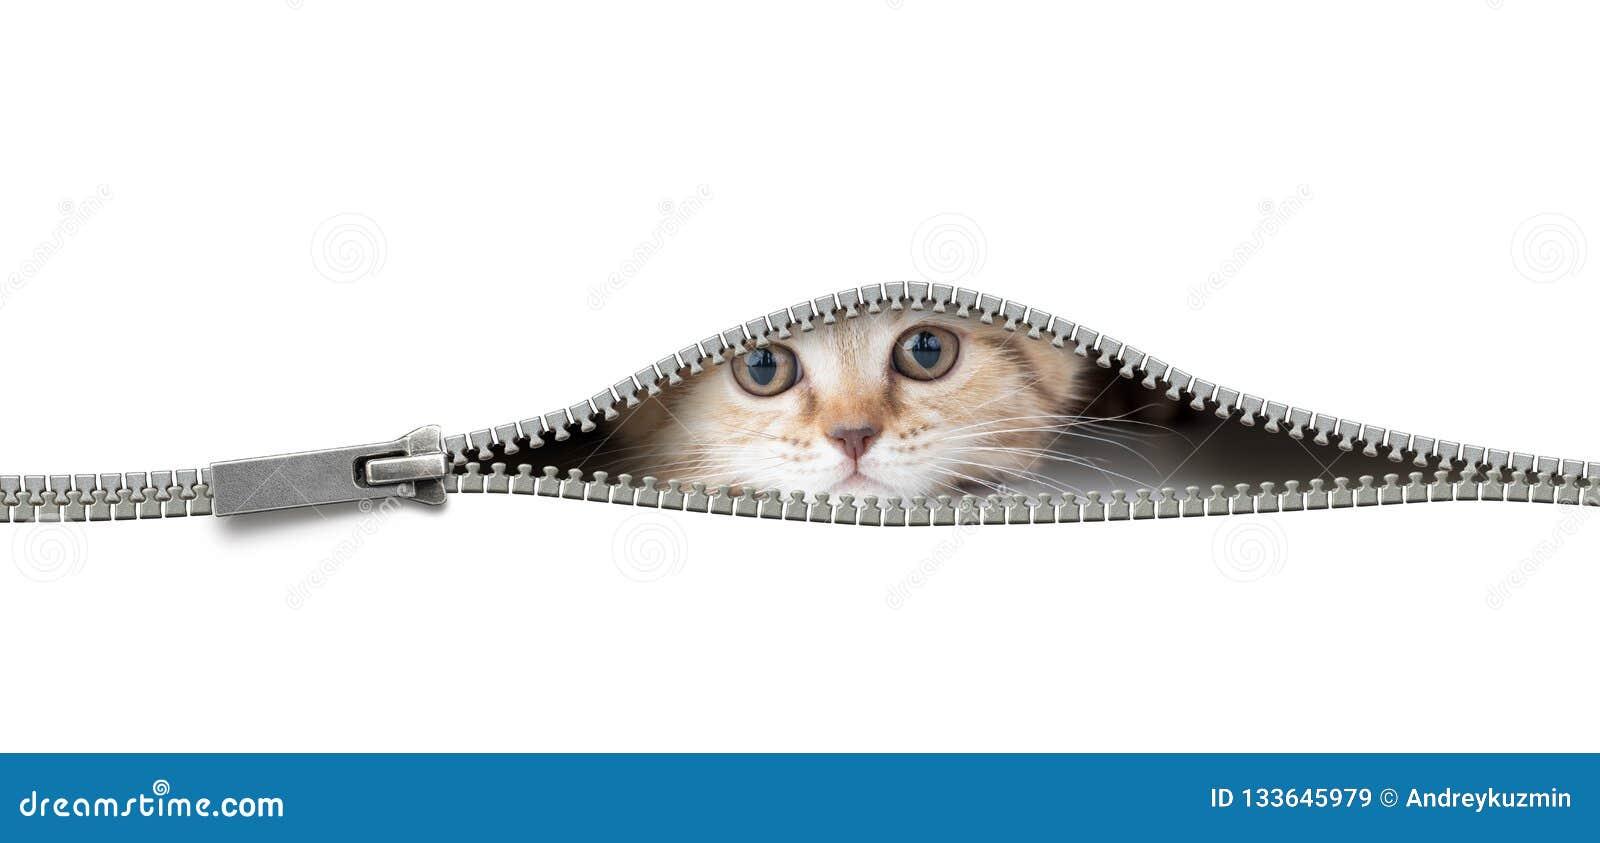 Katten i öppet blixtlåshål isolerade